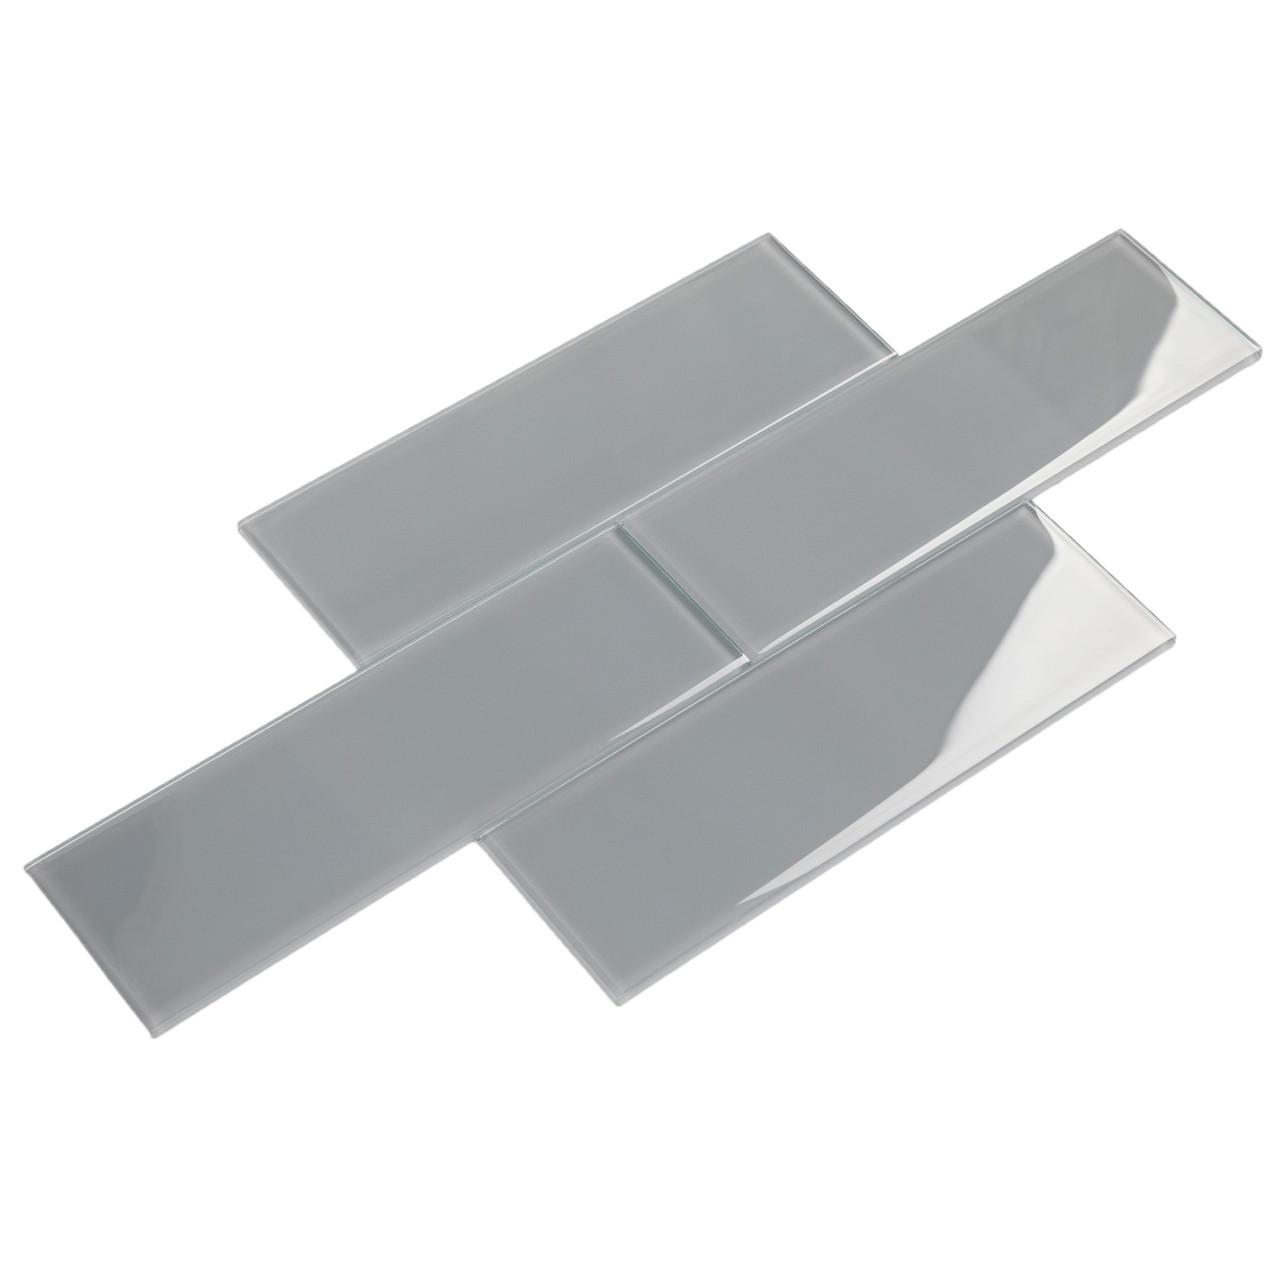 Giorbello Glass Subway Tile 4 X 12 True Gray